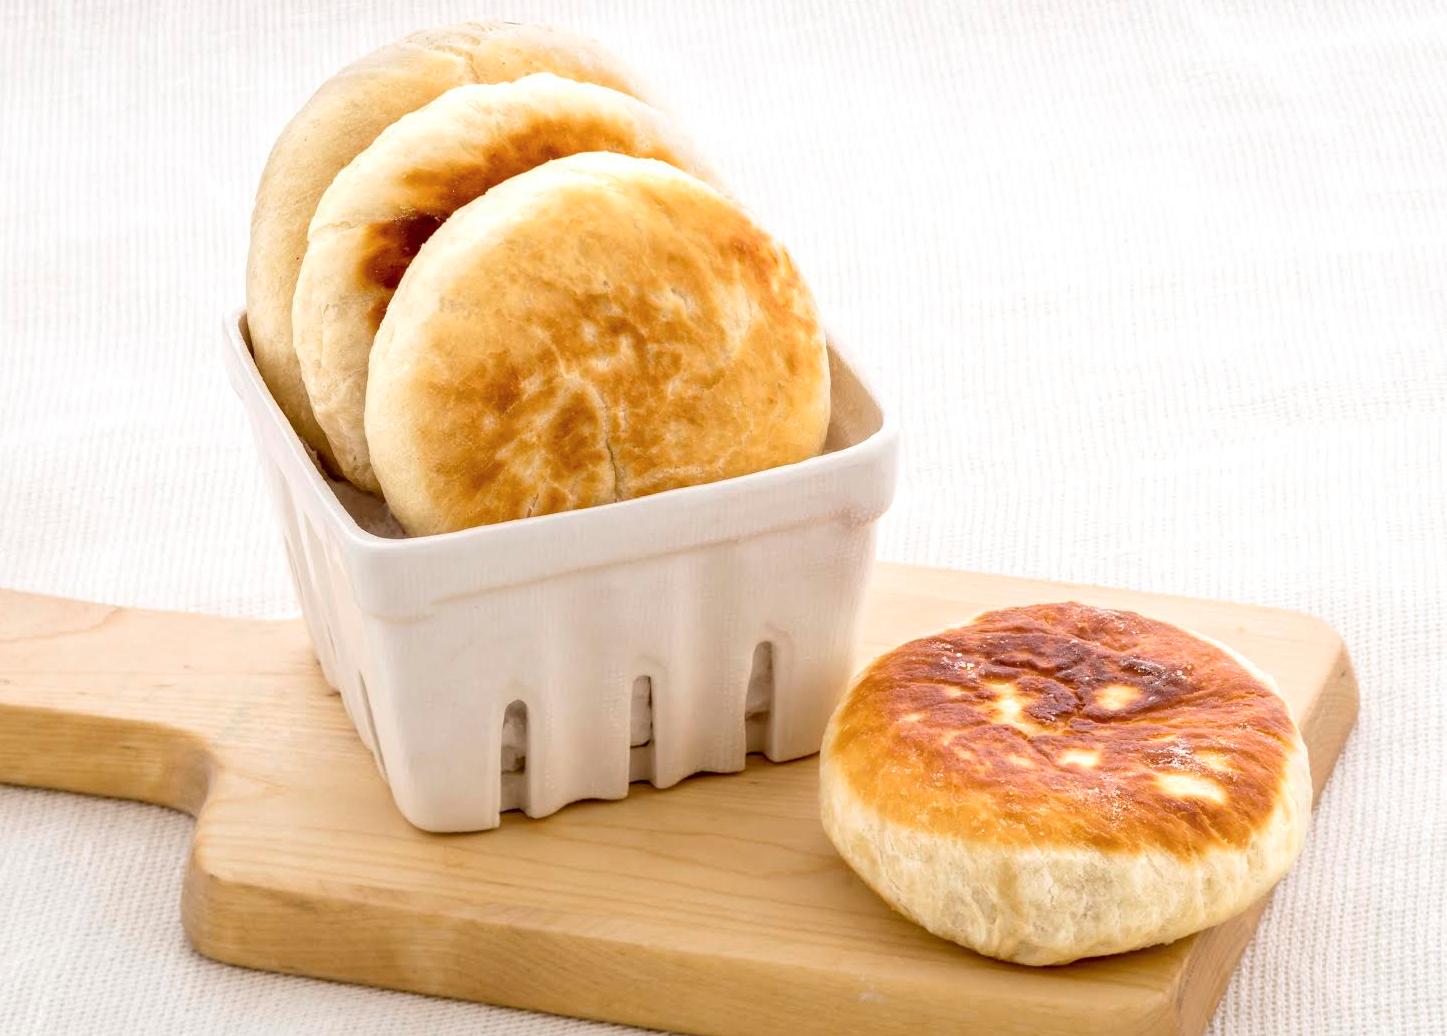 ¡Es viernes! Premia tu semana con esta receta de English muffins